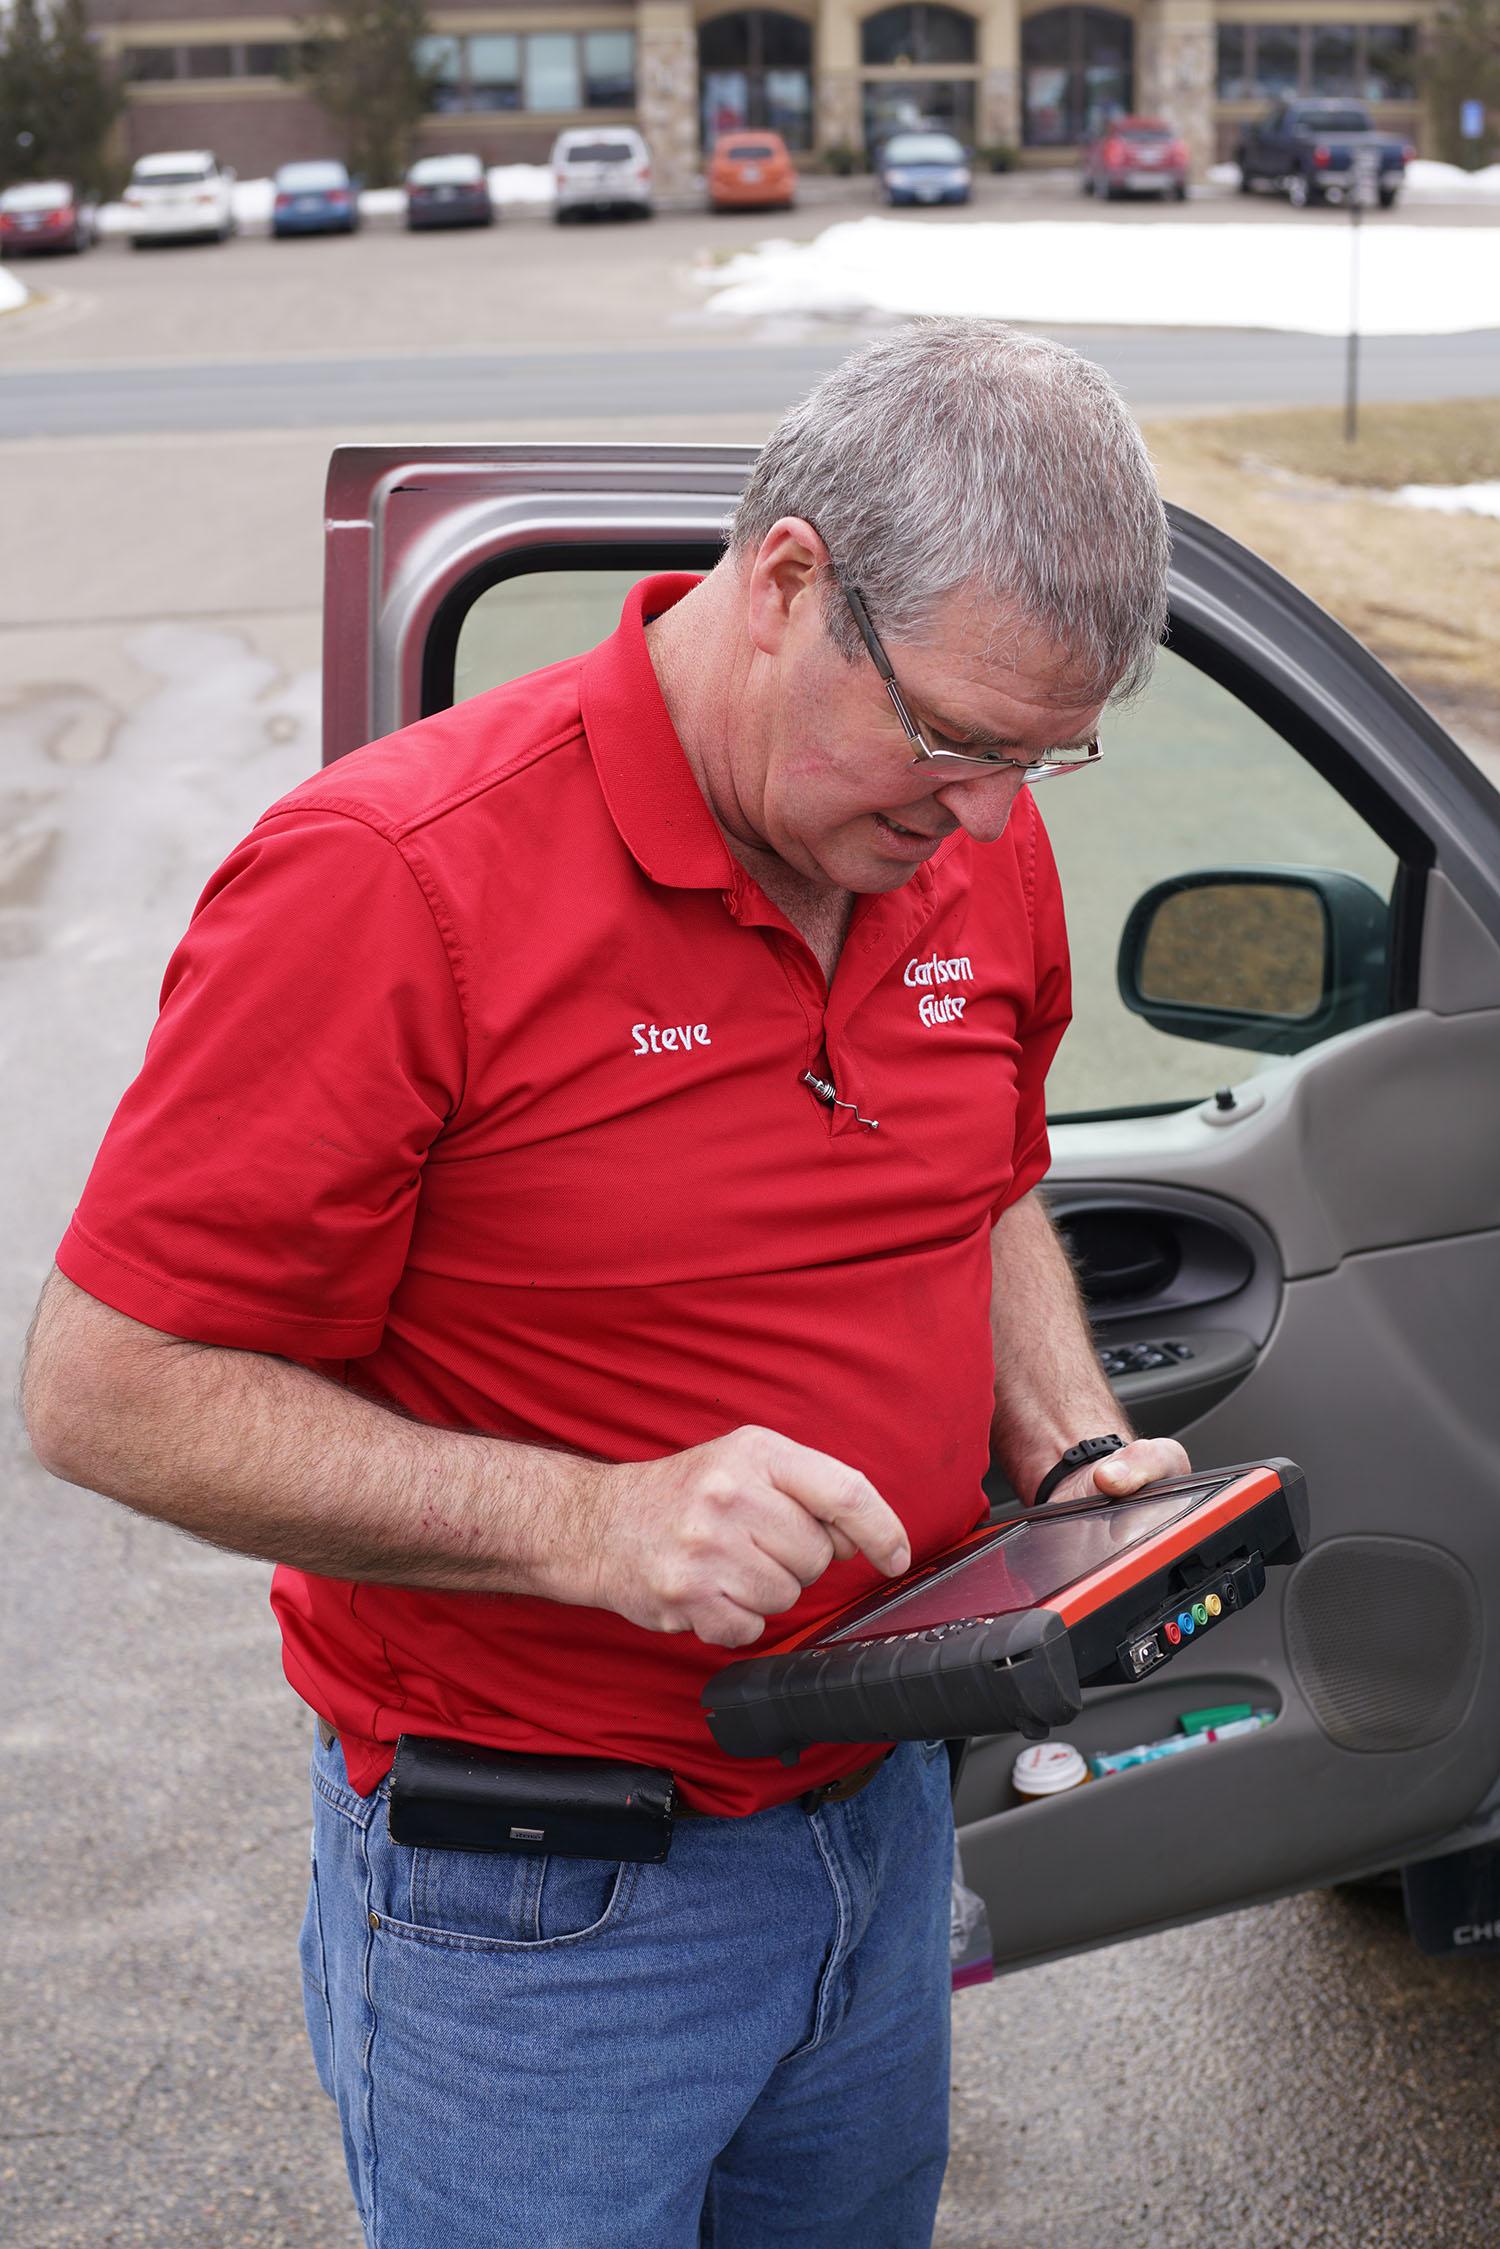 Carlson Auto Truck - Owner Steve.jpg